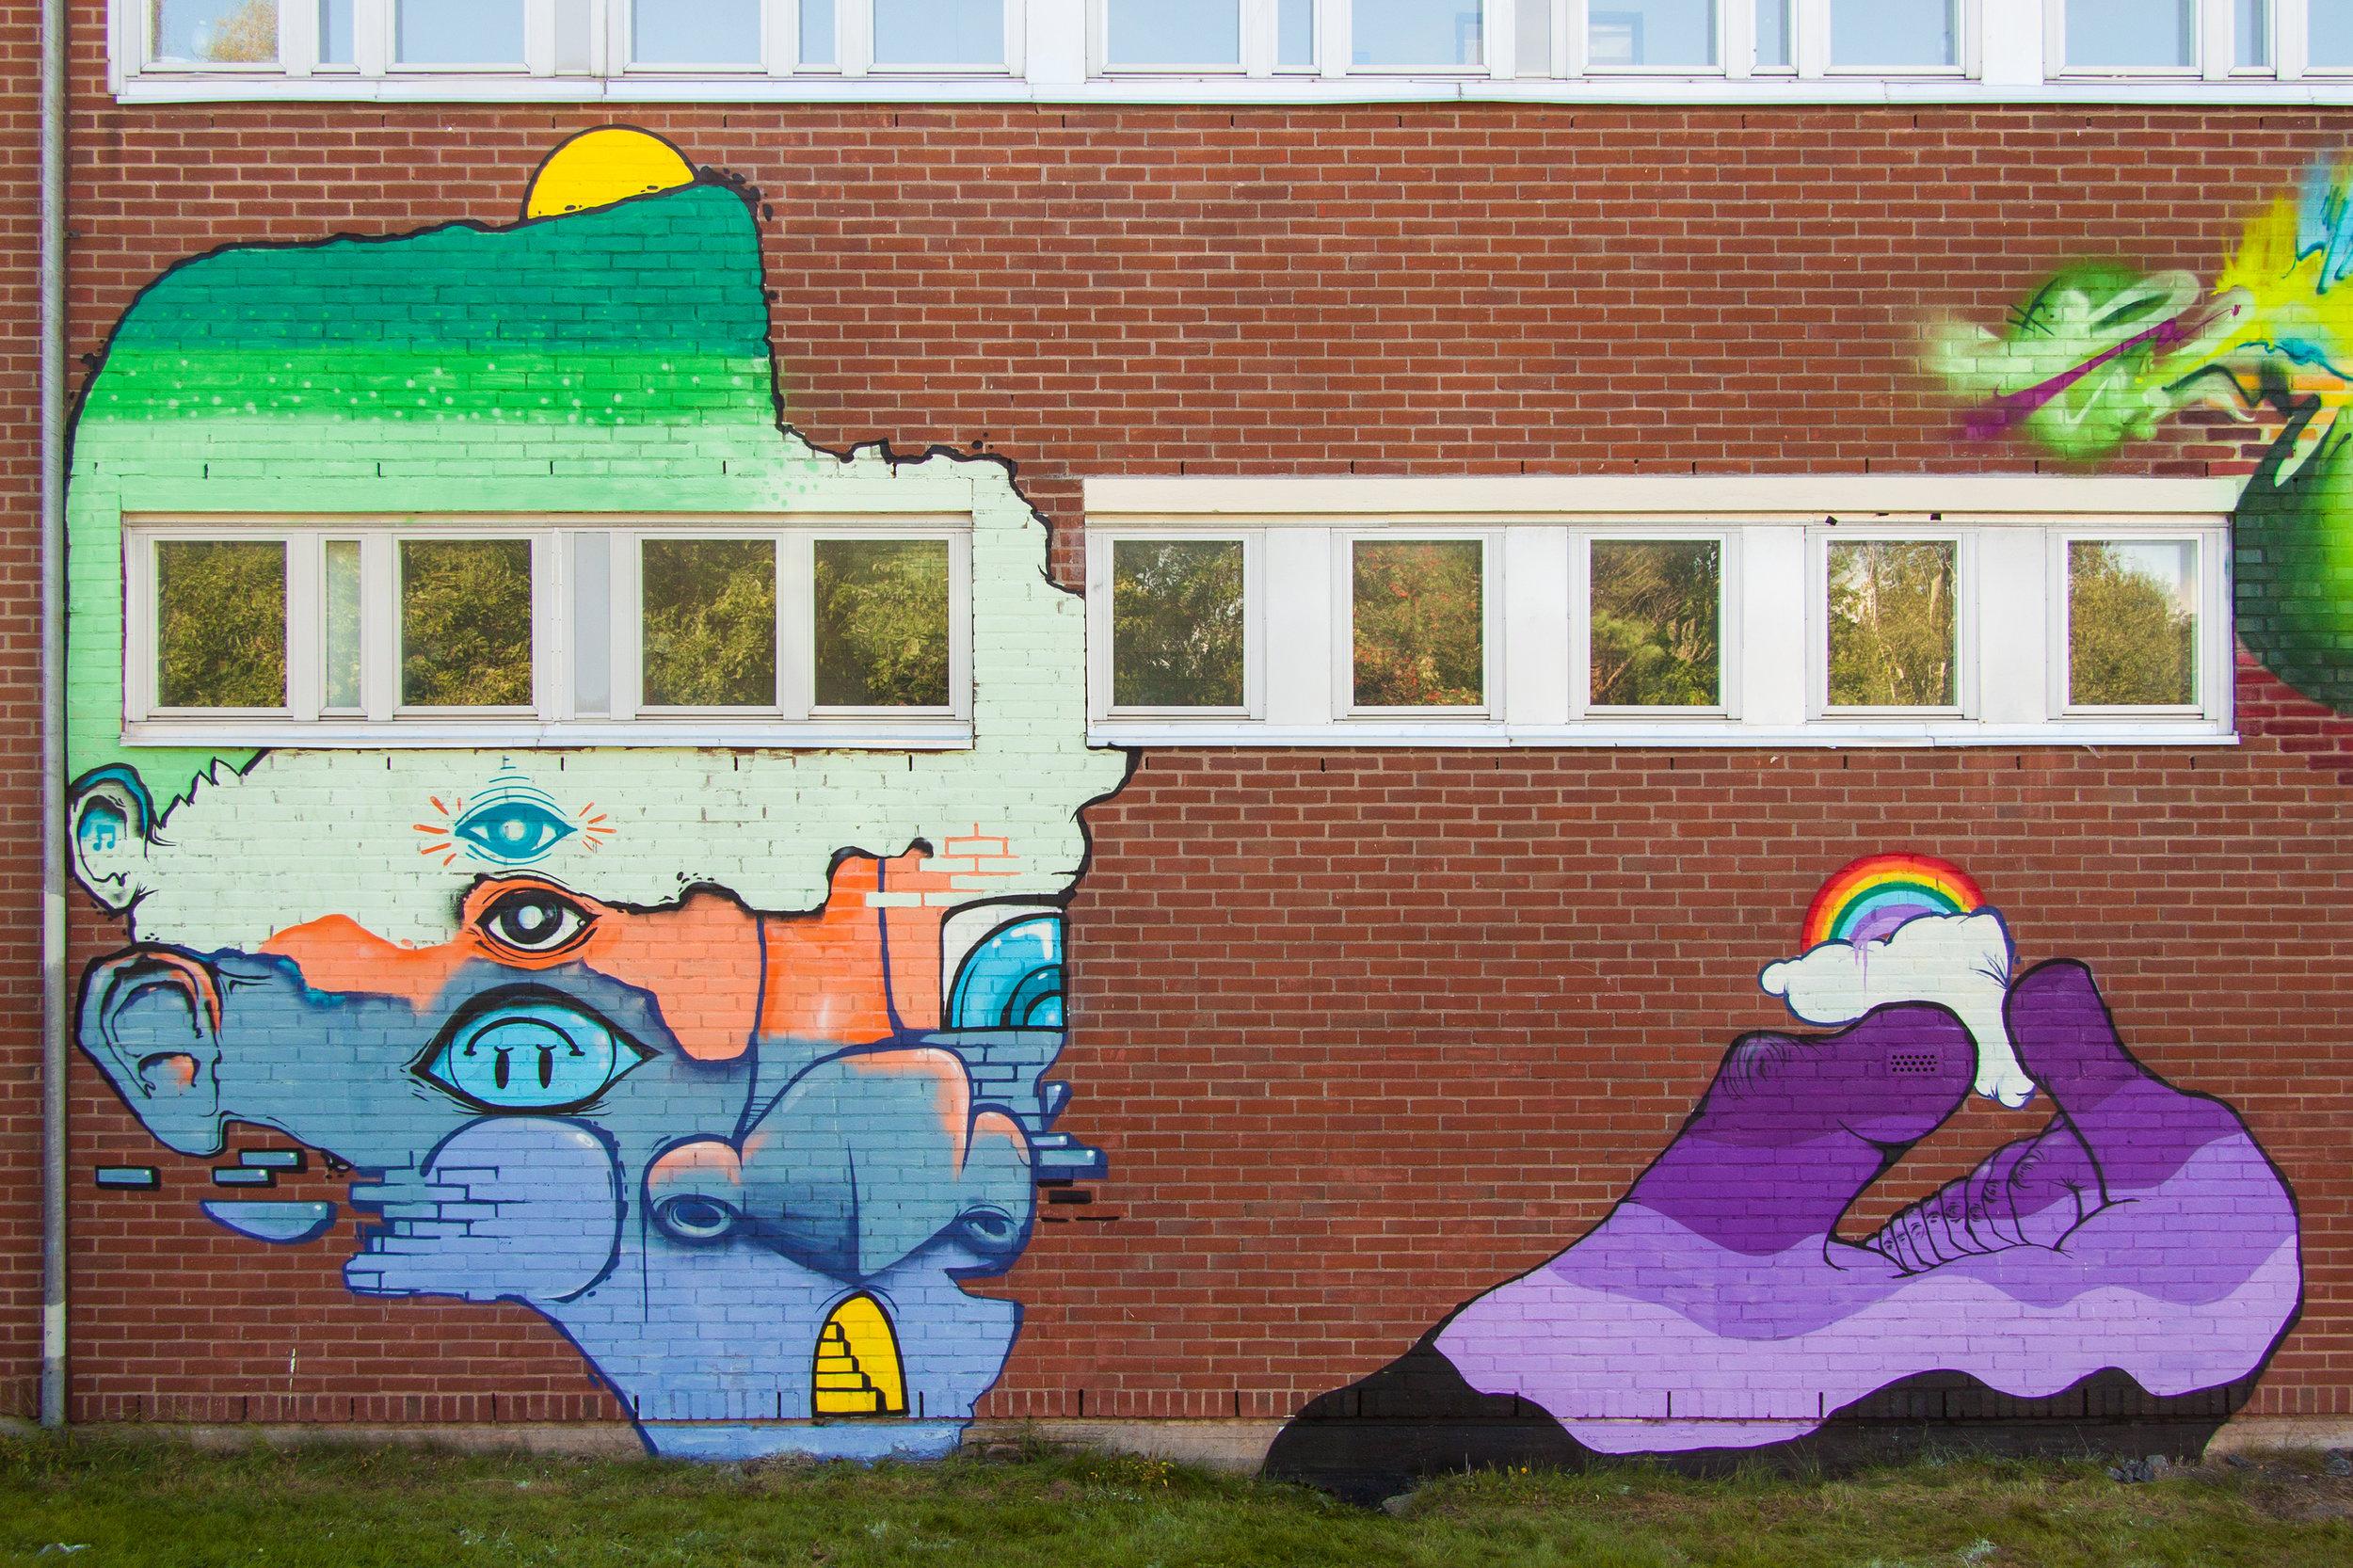 CODE26_Artscape_2016-08-08_FredrikÅkerberg_4247x2831_23.jpg